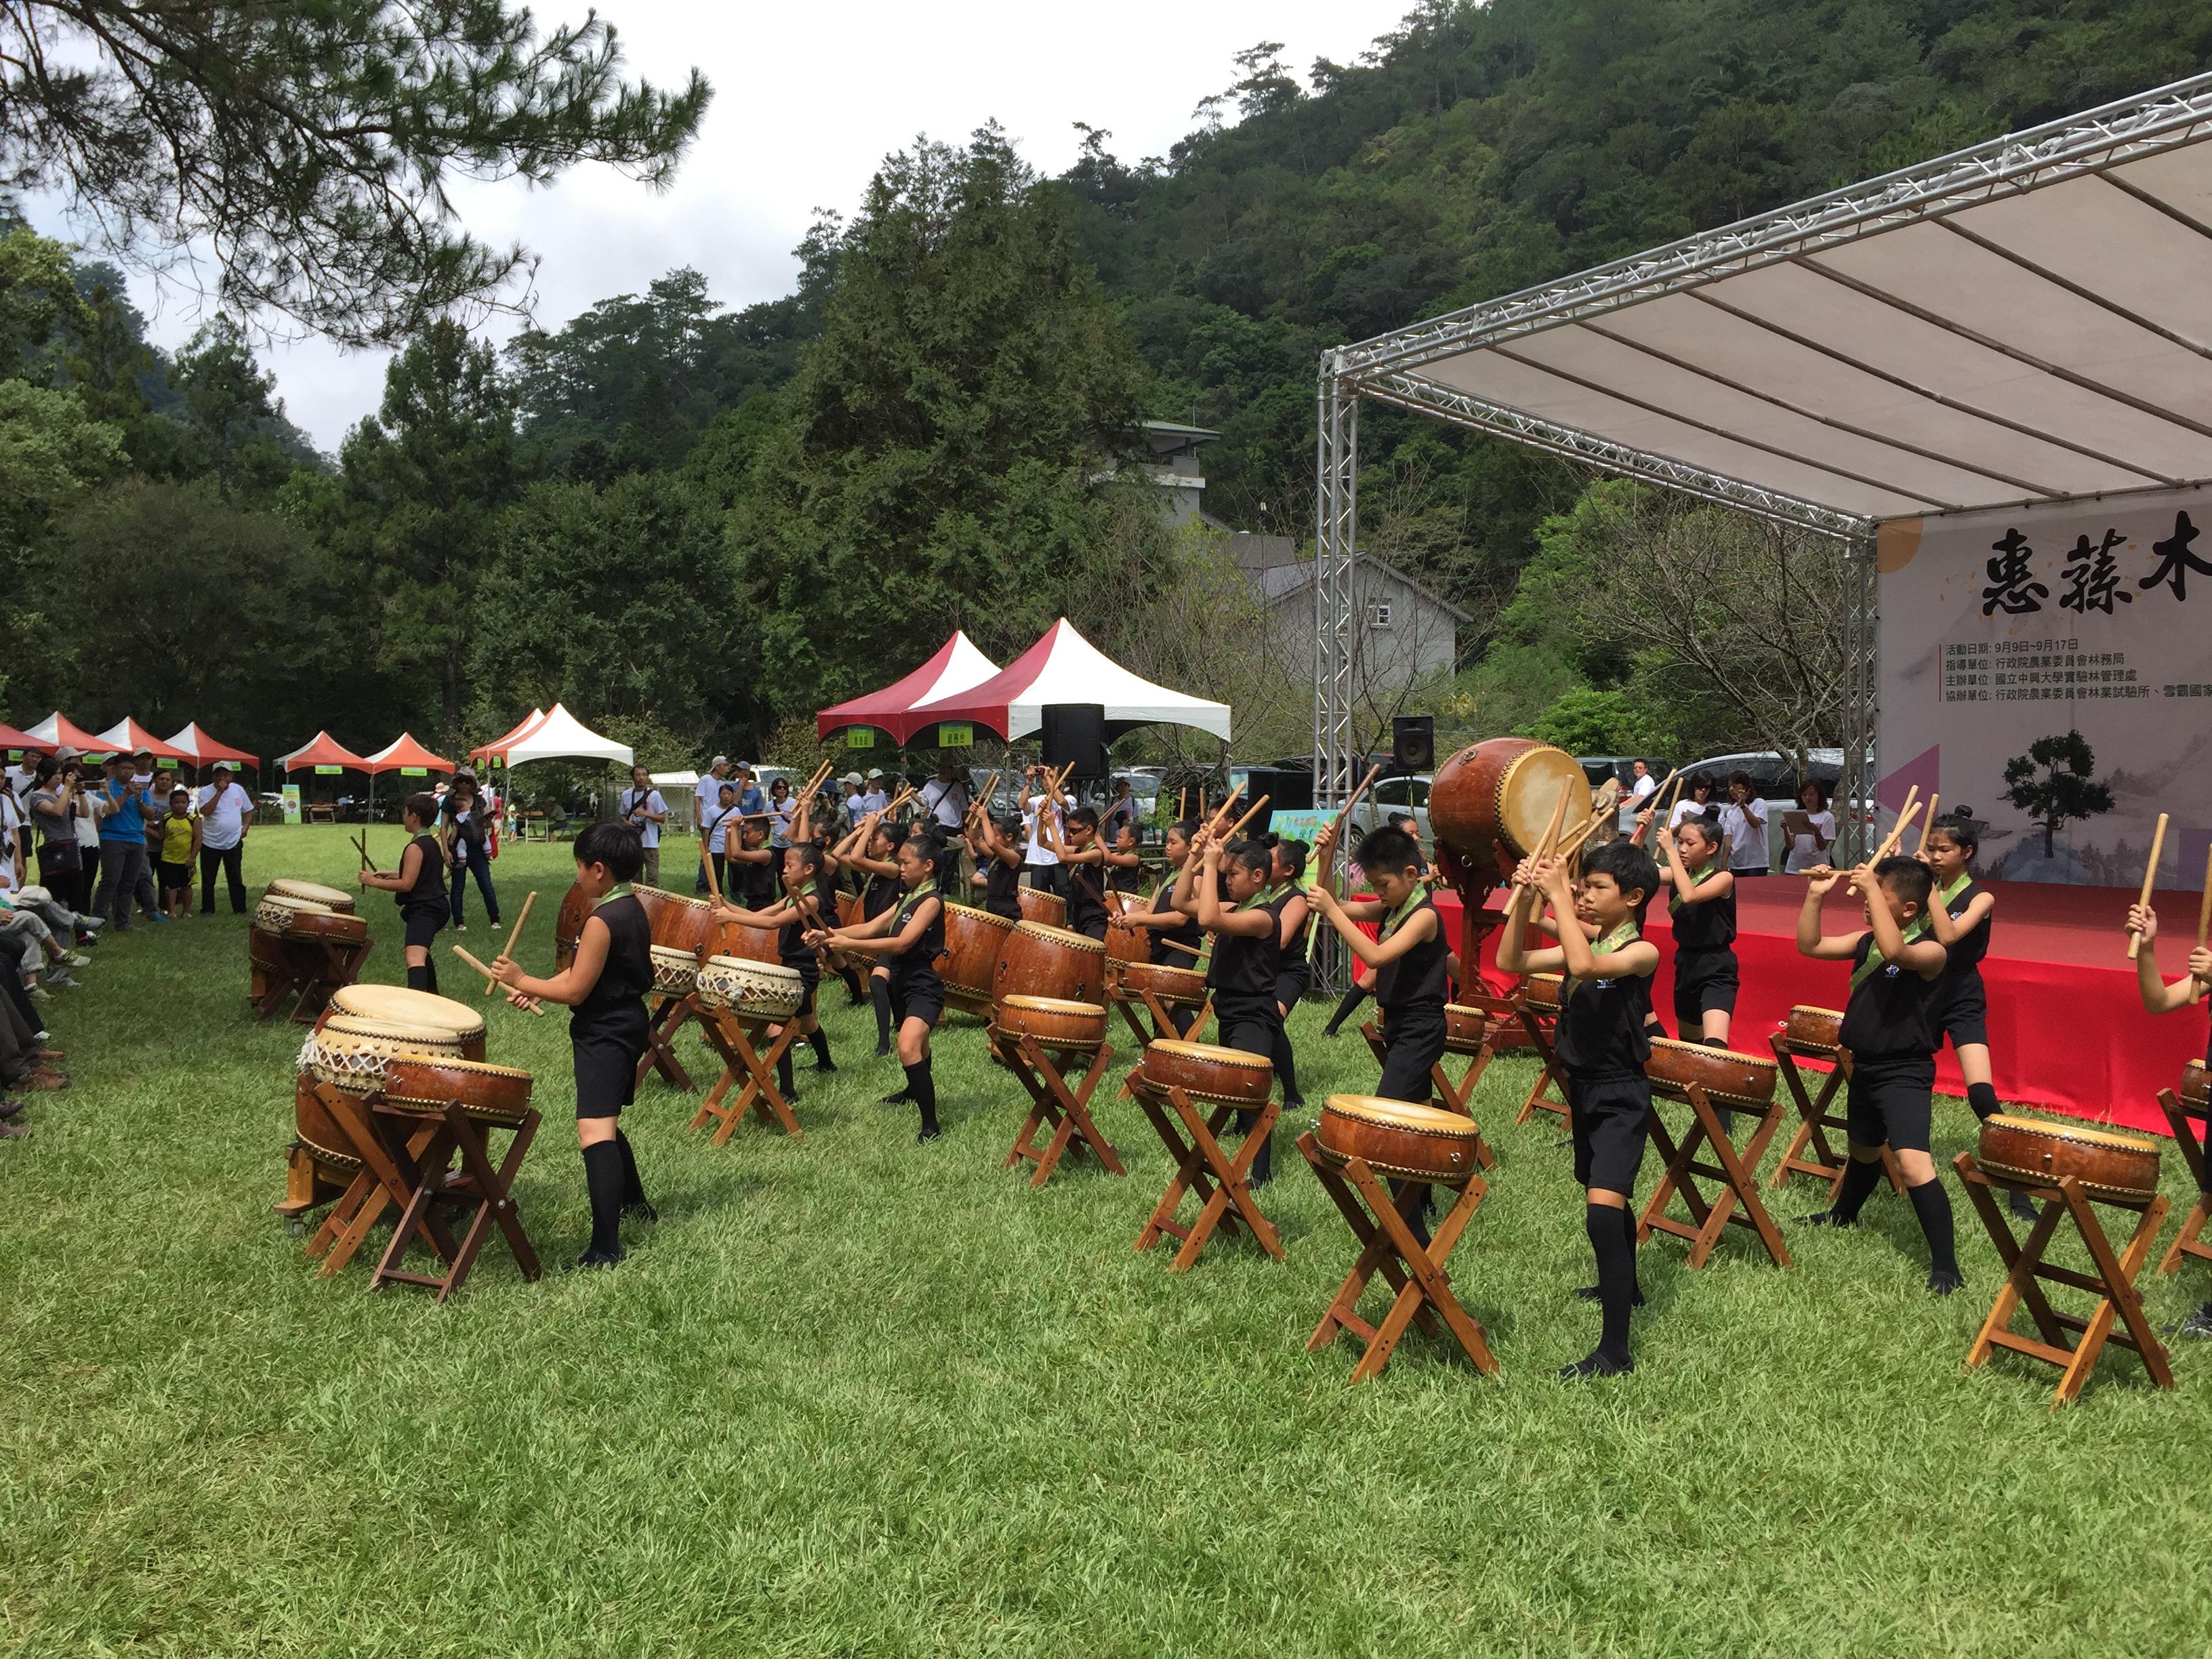 【資料照】2019惠蓀木文化節 將於9月21日熱鬧登場